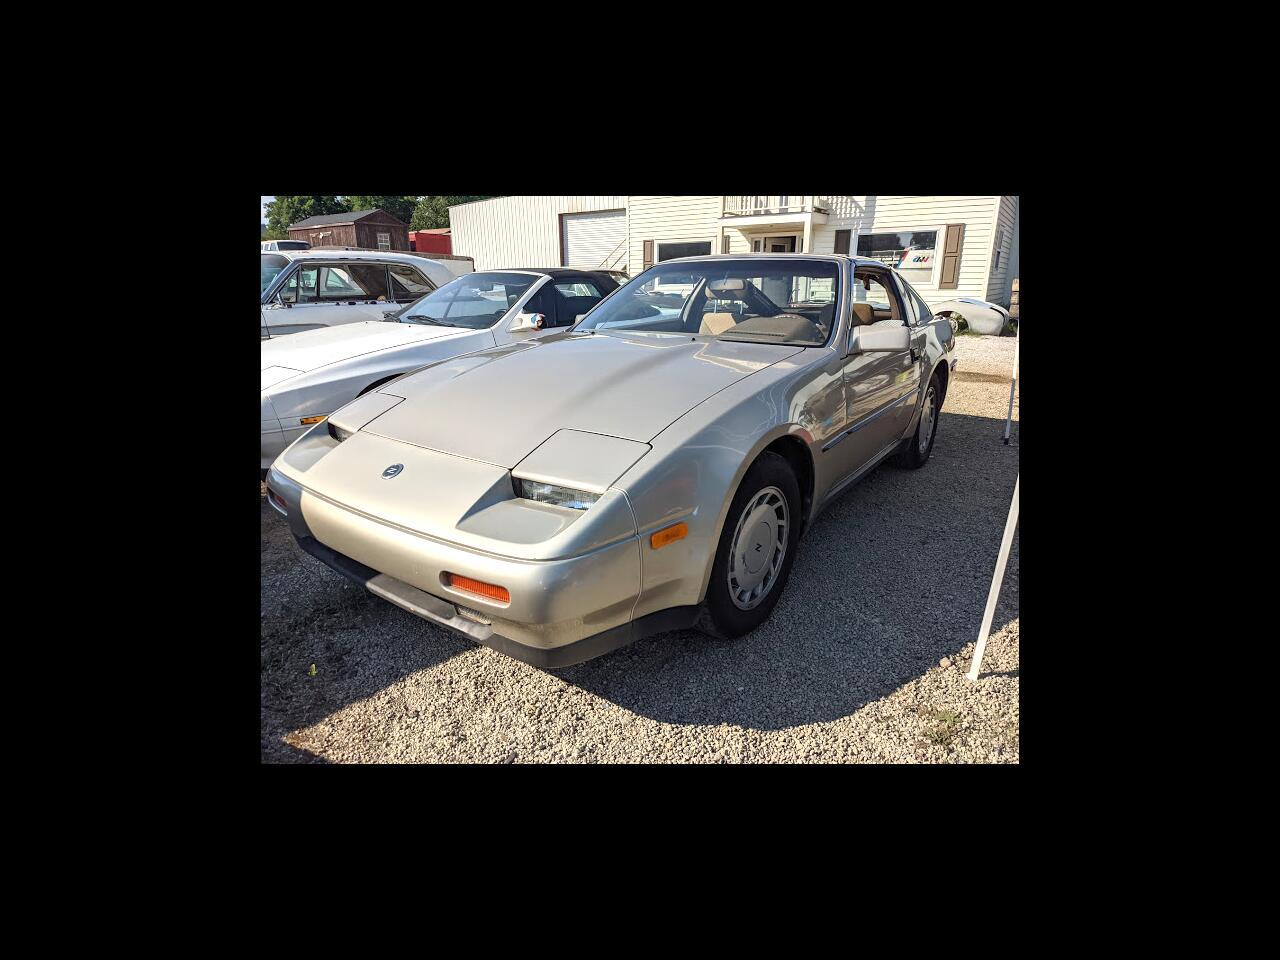 Nissan 300ZX 2dr Hatchback Coupe GS Auto 1989